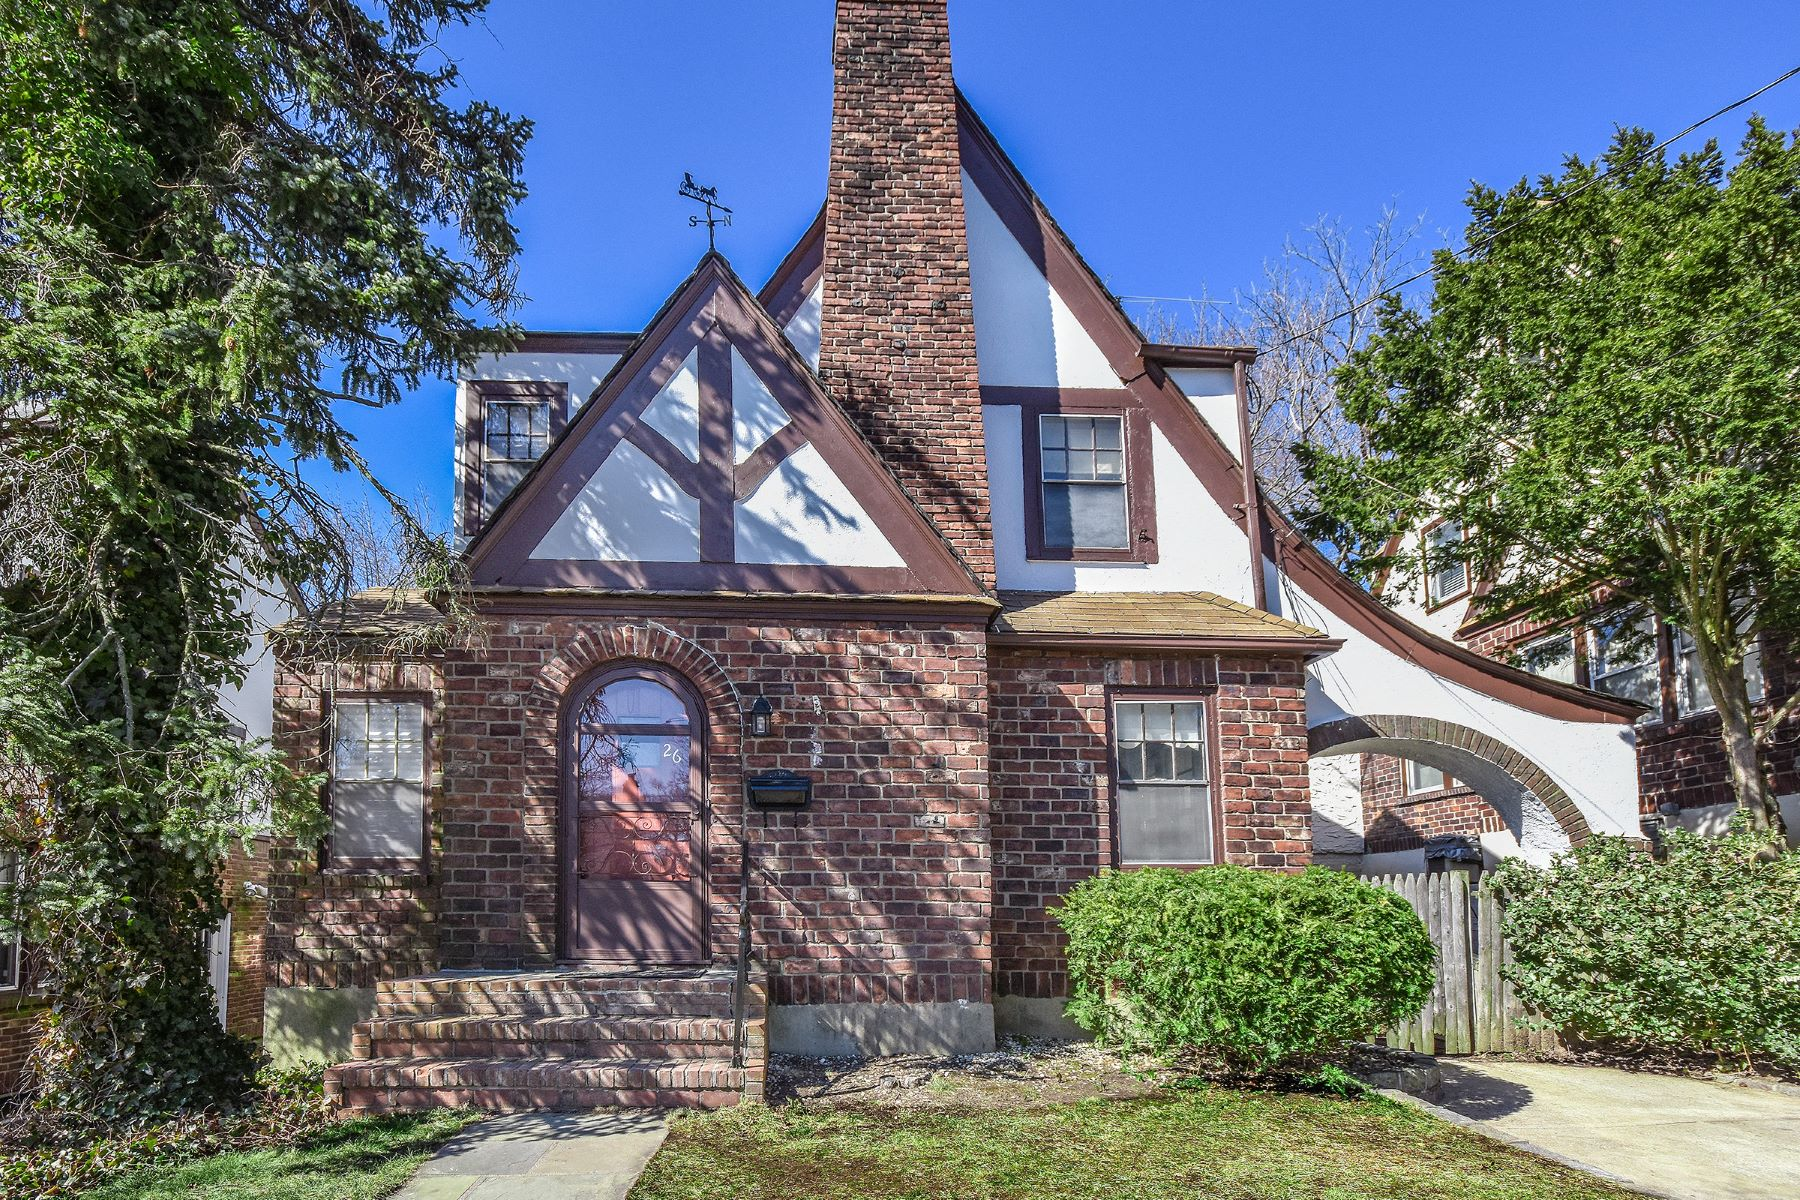 Частный односемейный дом для того Продажа на 26 Hillview Ave , Port Washington, NY 11050 Port Washington, Нью-Йорк, 11050 Соединенные Штаты